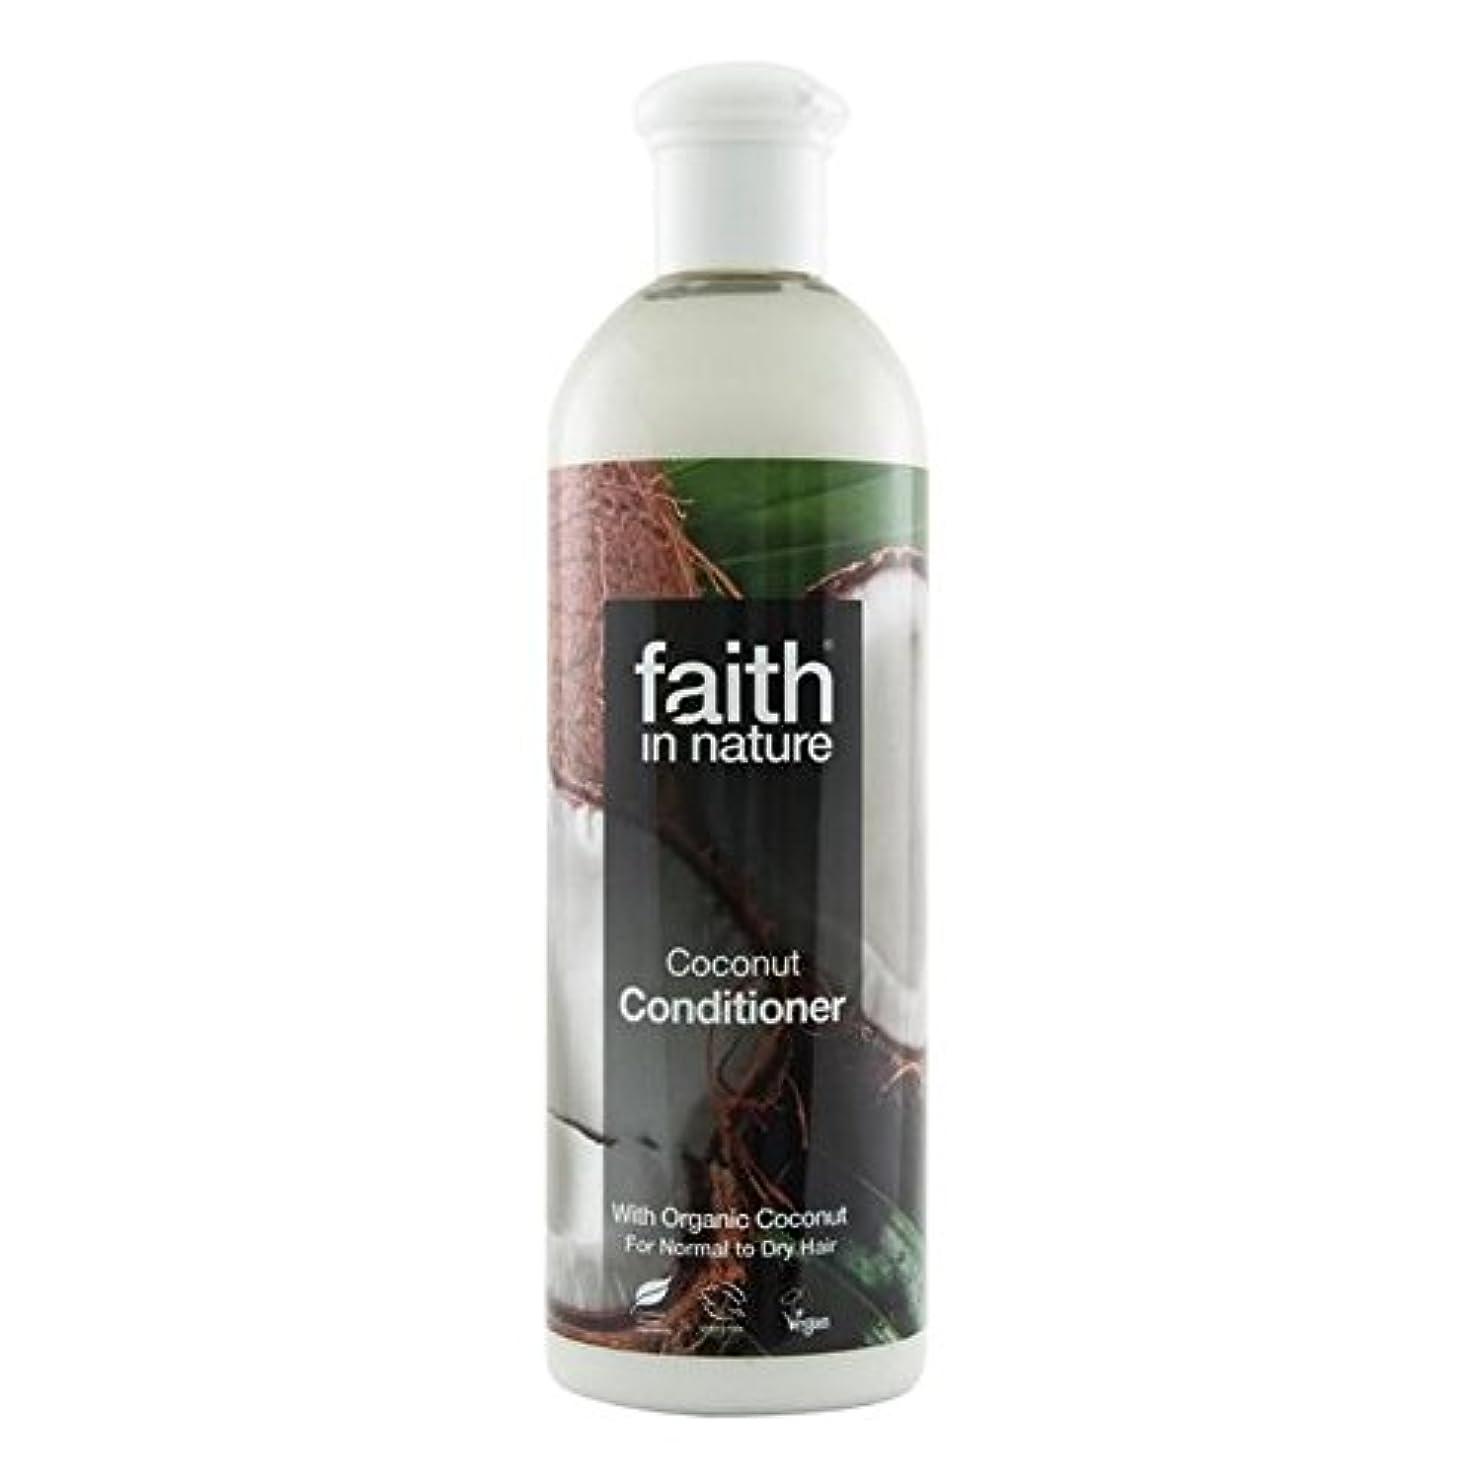 効率魔術師朝の体操をするFaith in Nature Coconut Conditioner 400ml - (Faith In Nature) 自然ココナッツコンディショナー400ミリリットルの信仰 [並行輸入品]